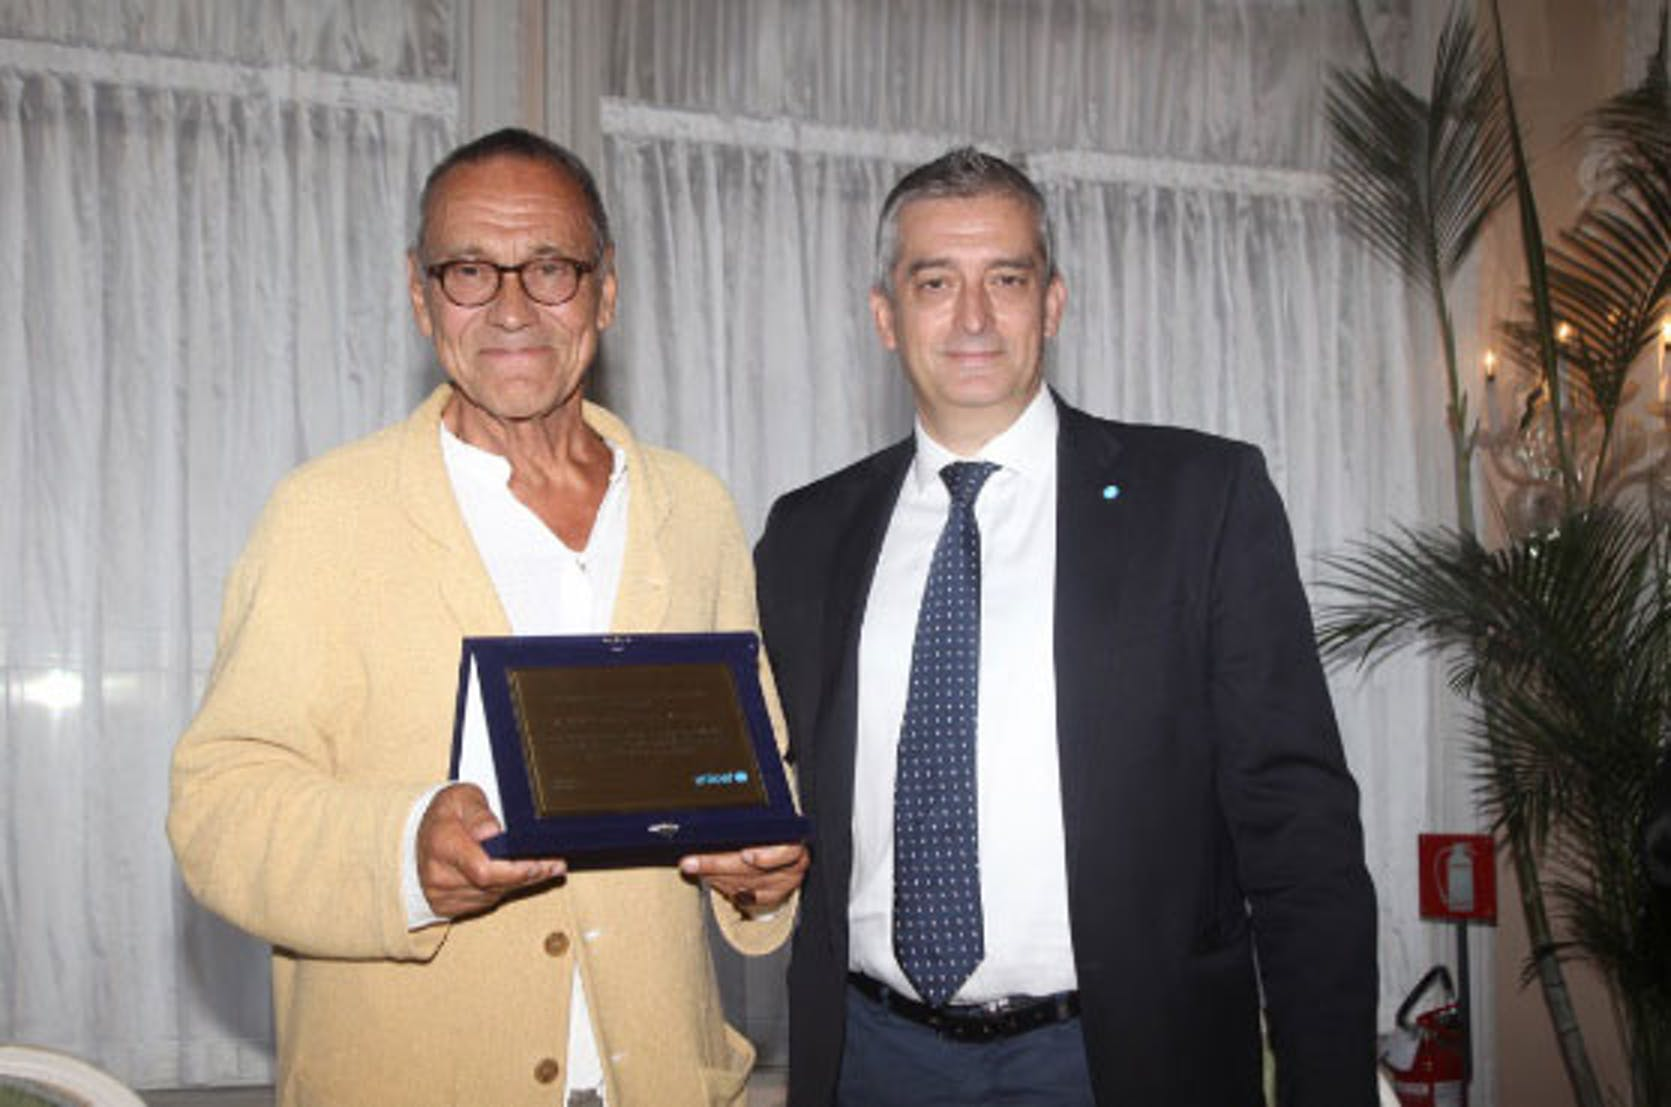 Il regista Andrej Konchalovsky (a sin.) riceve il riconoscimento dal direttore generale dell'UNICEF Italia Paolo Rozera